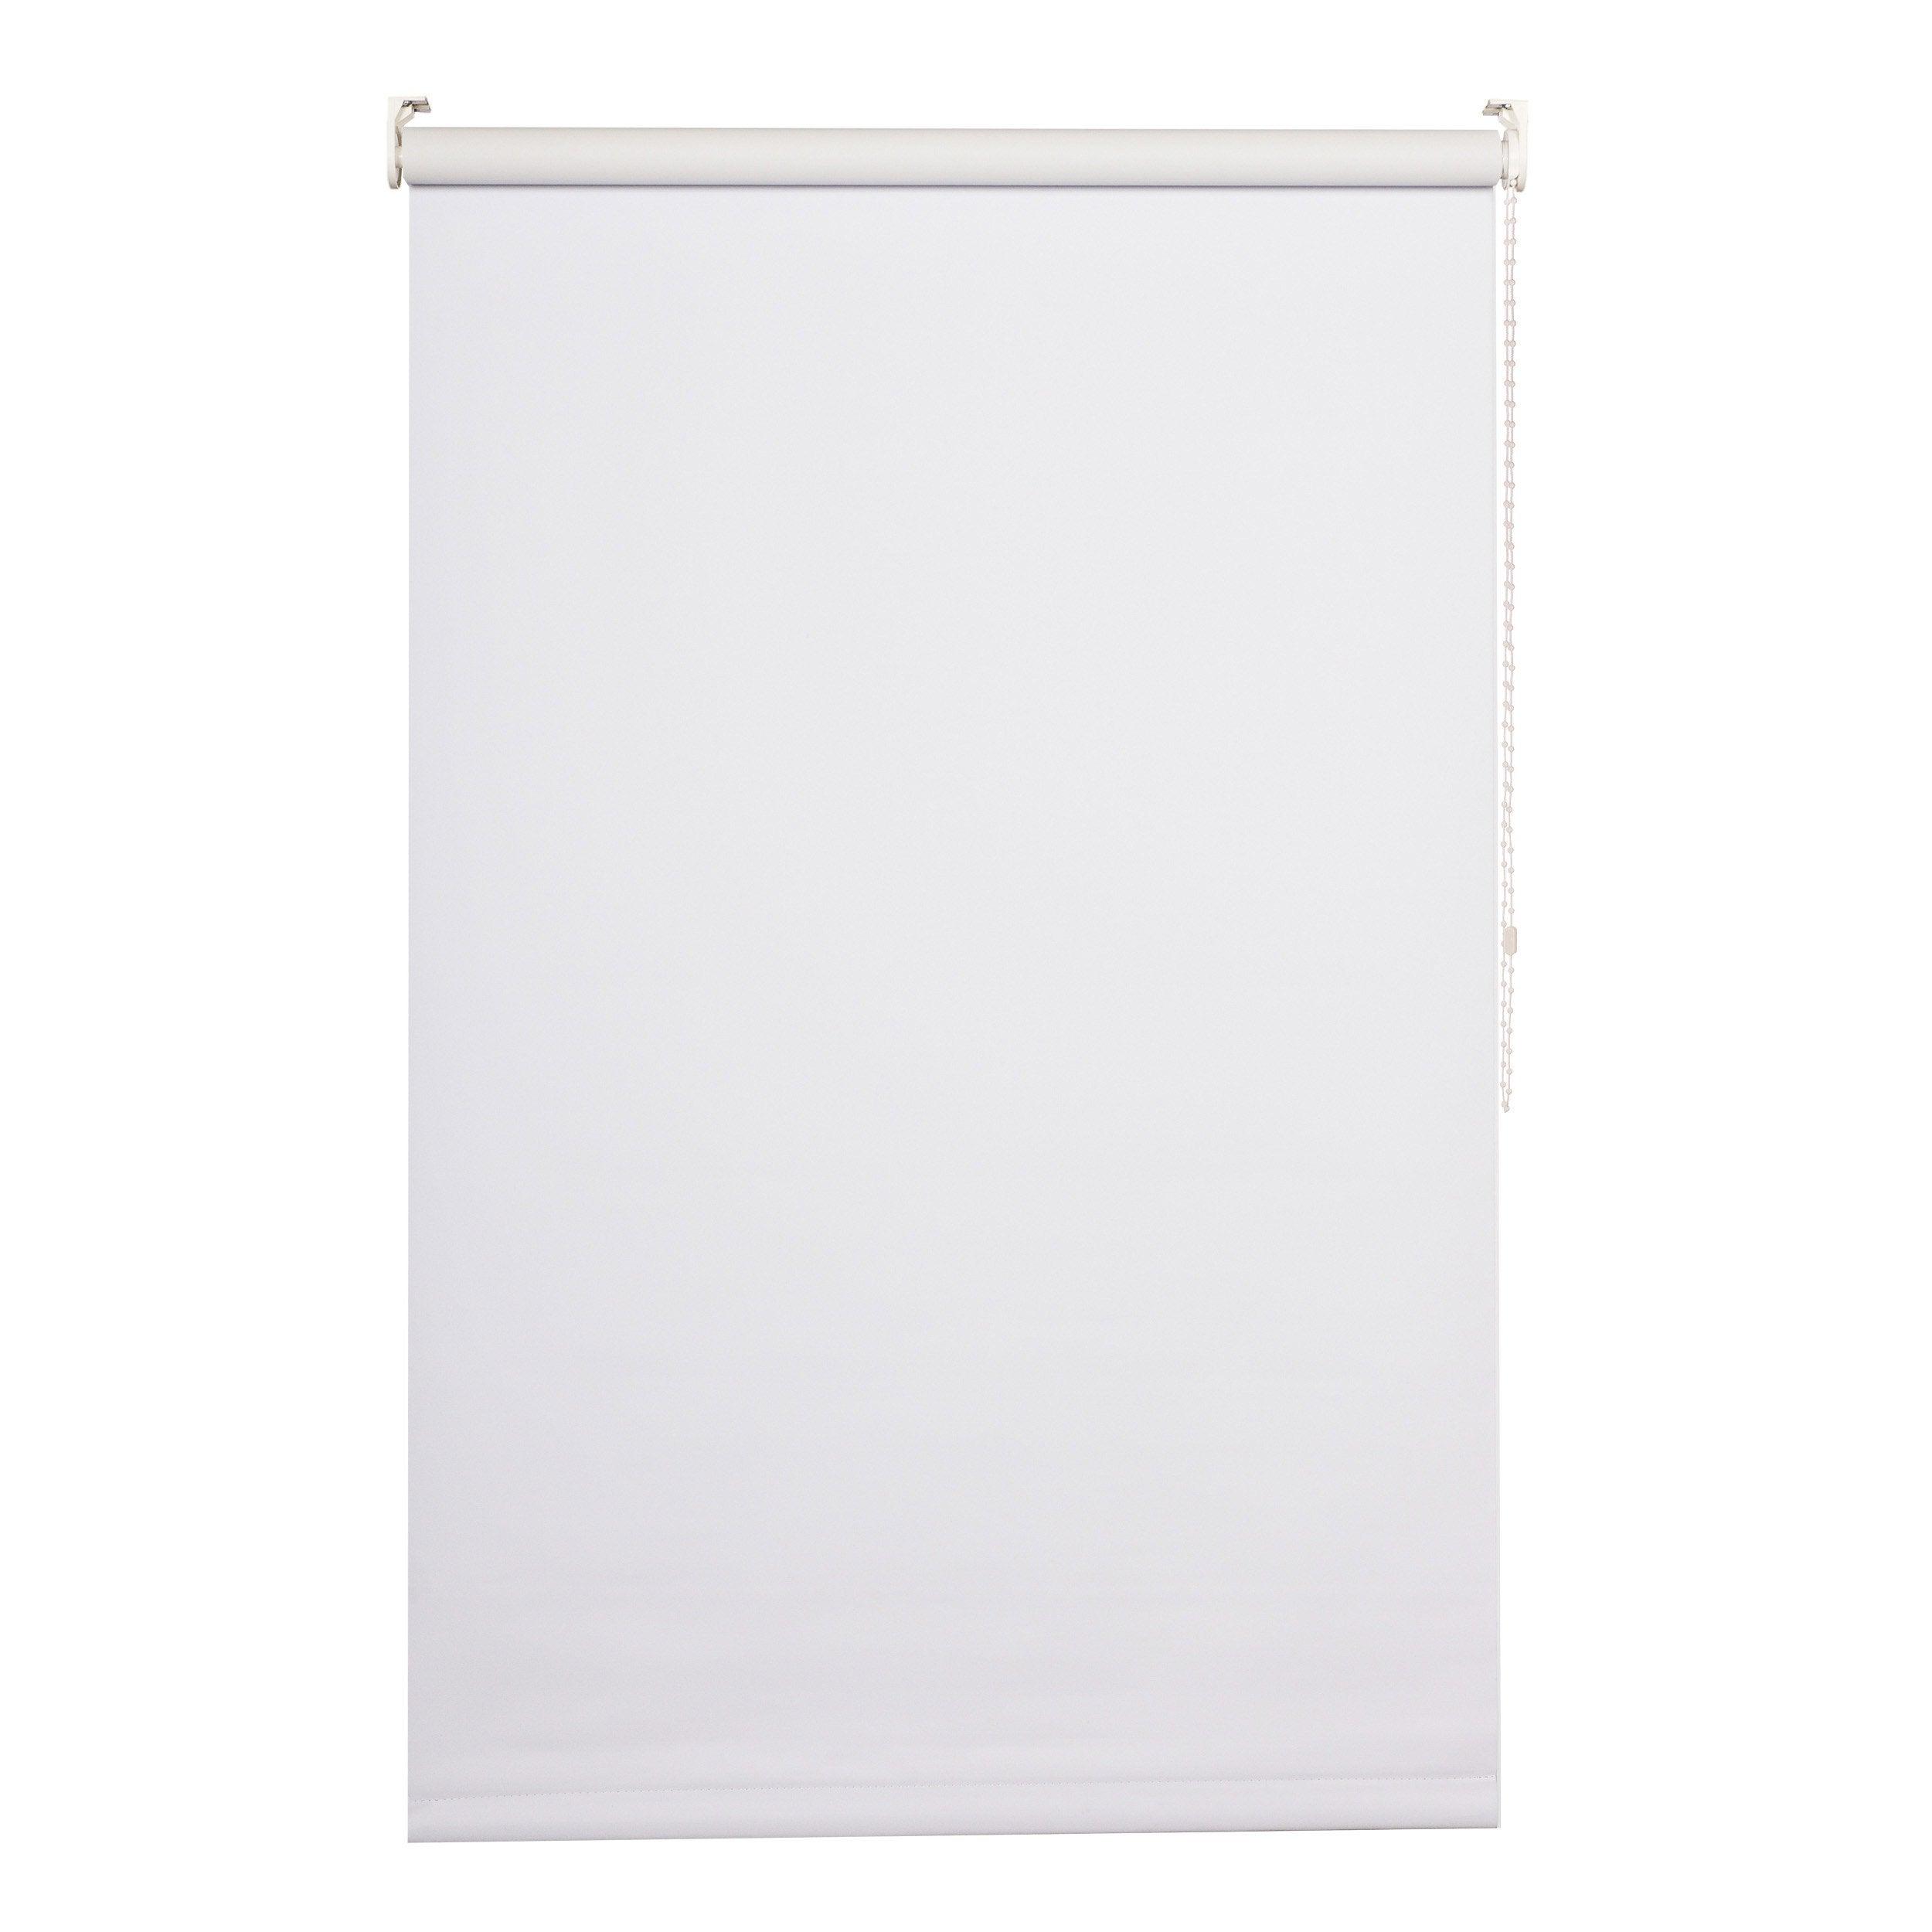 Store enrouleur occultant, blanc Séoul, l.45 x 160 cm